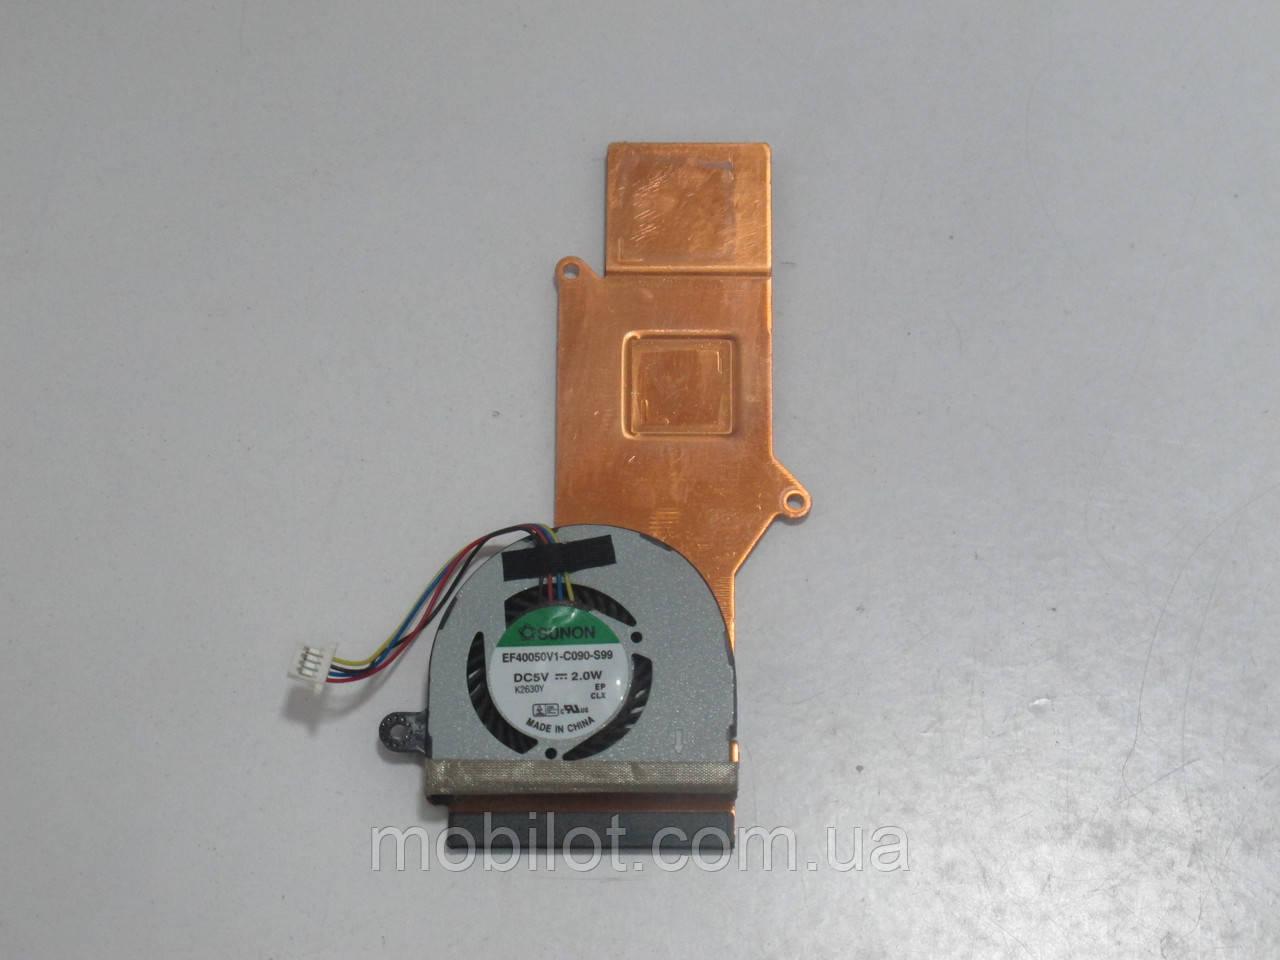 Система охлаждения Asus 1025 (NZ-7090)